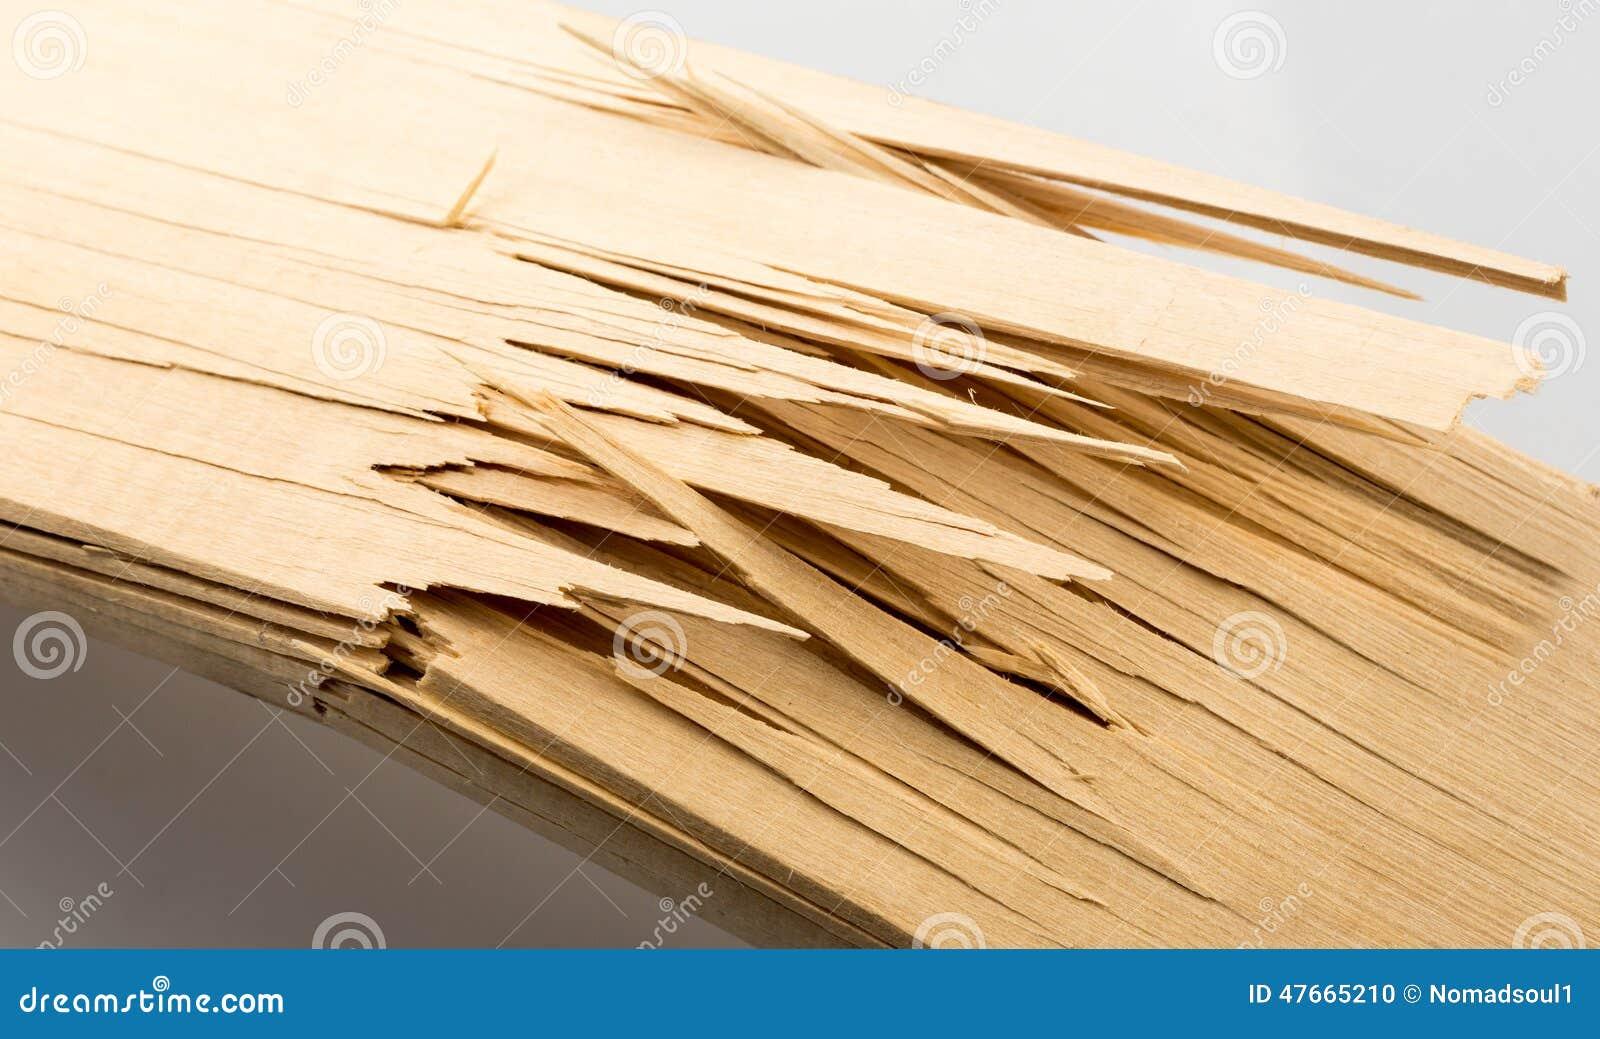 Planches en bois cass es photo stock image du abstrait 47665210 - Planche a dessin en bois ...